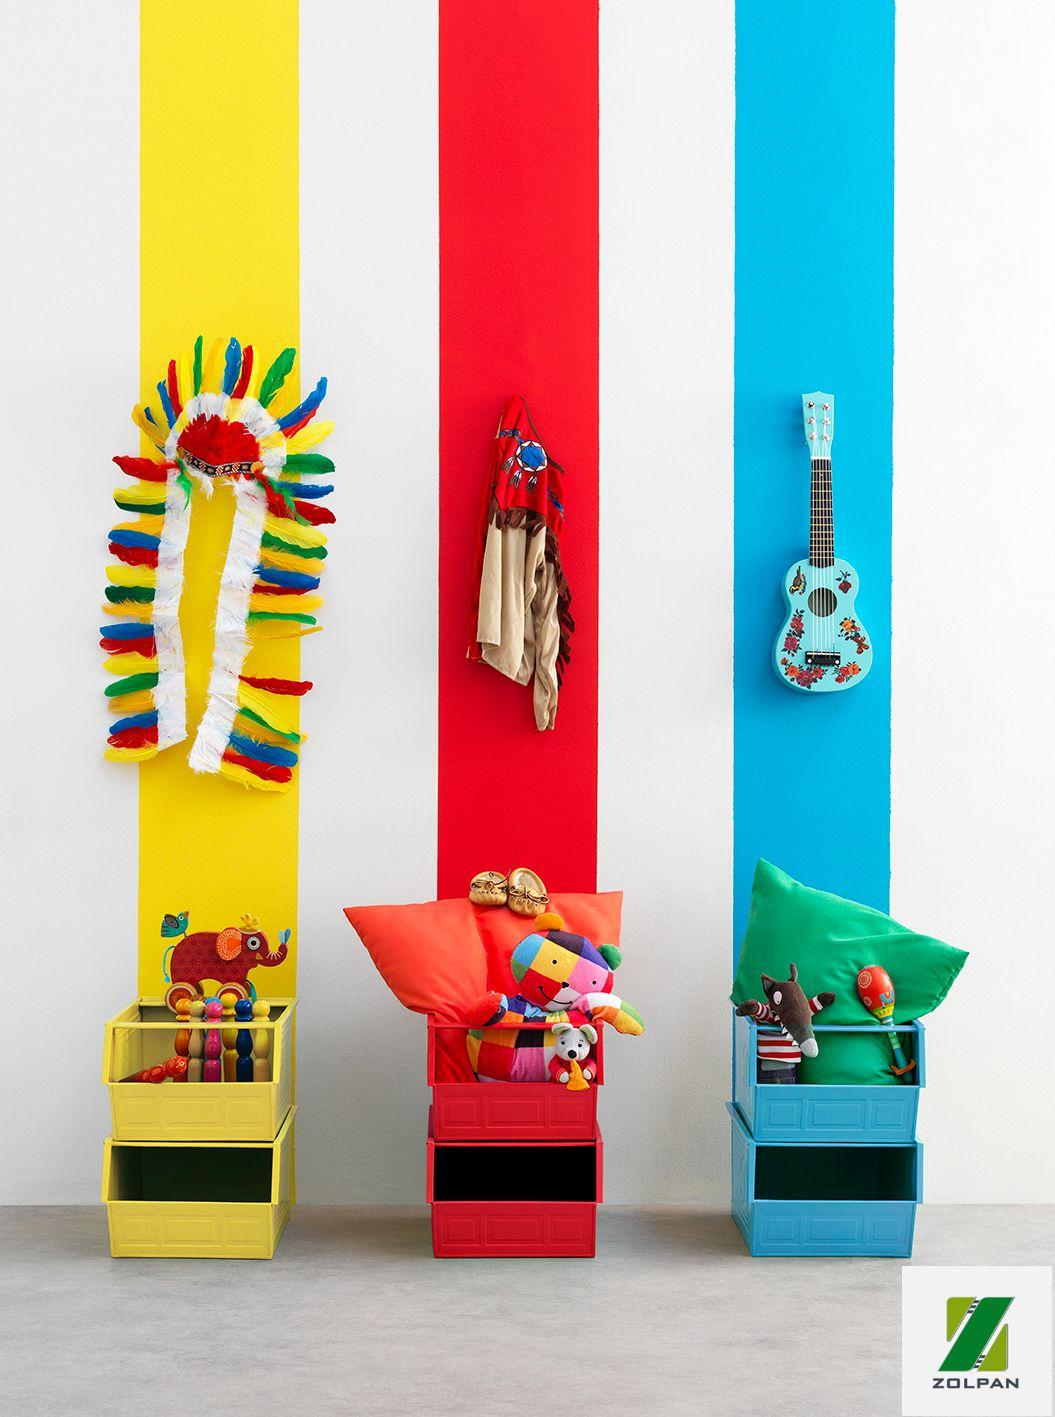 Les petits clowns nuances enfantines zolpan pour chambre d 39 enfant 3 6ans peinture zolpan - Peinture pour chambre enfant ...